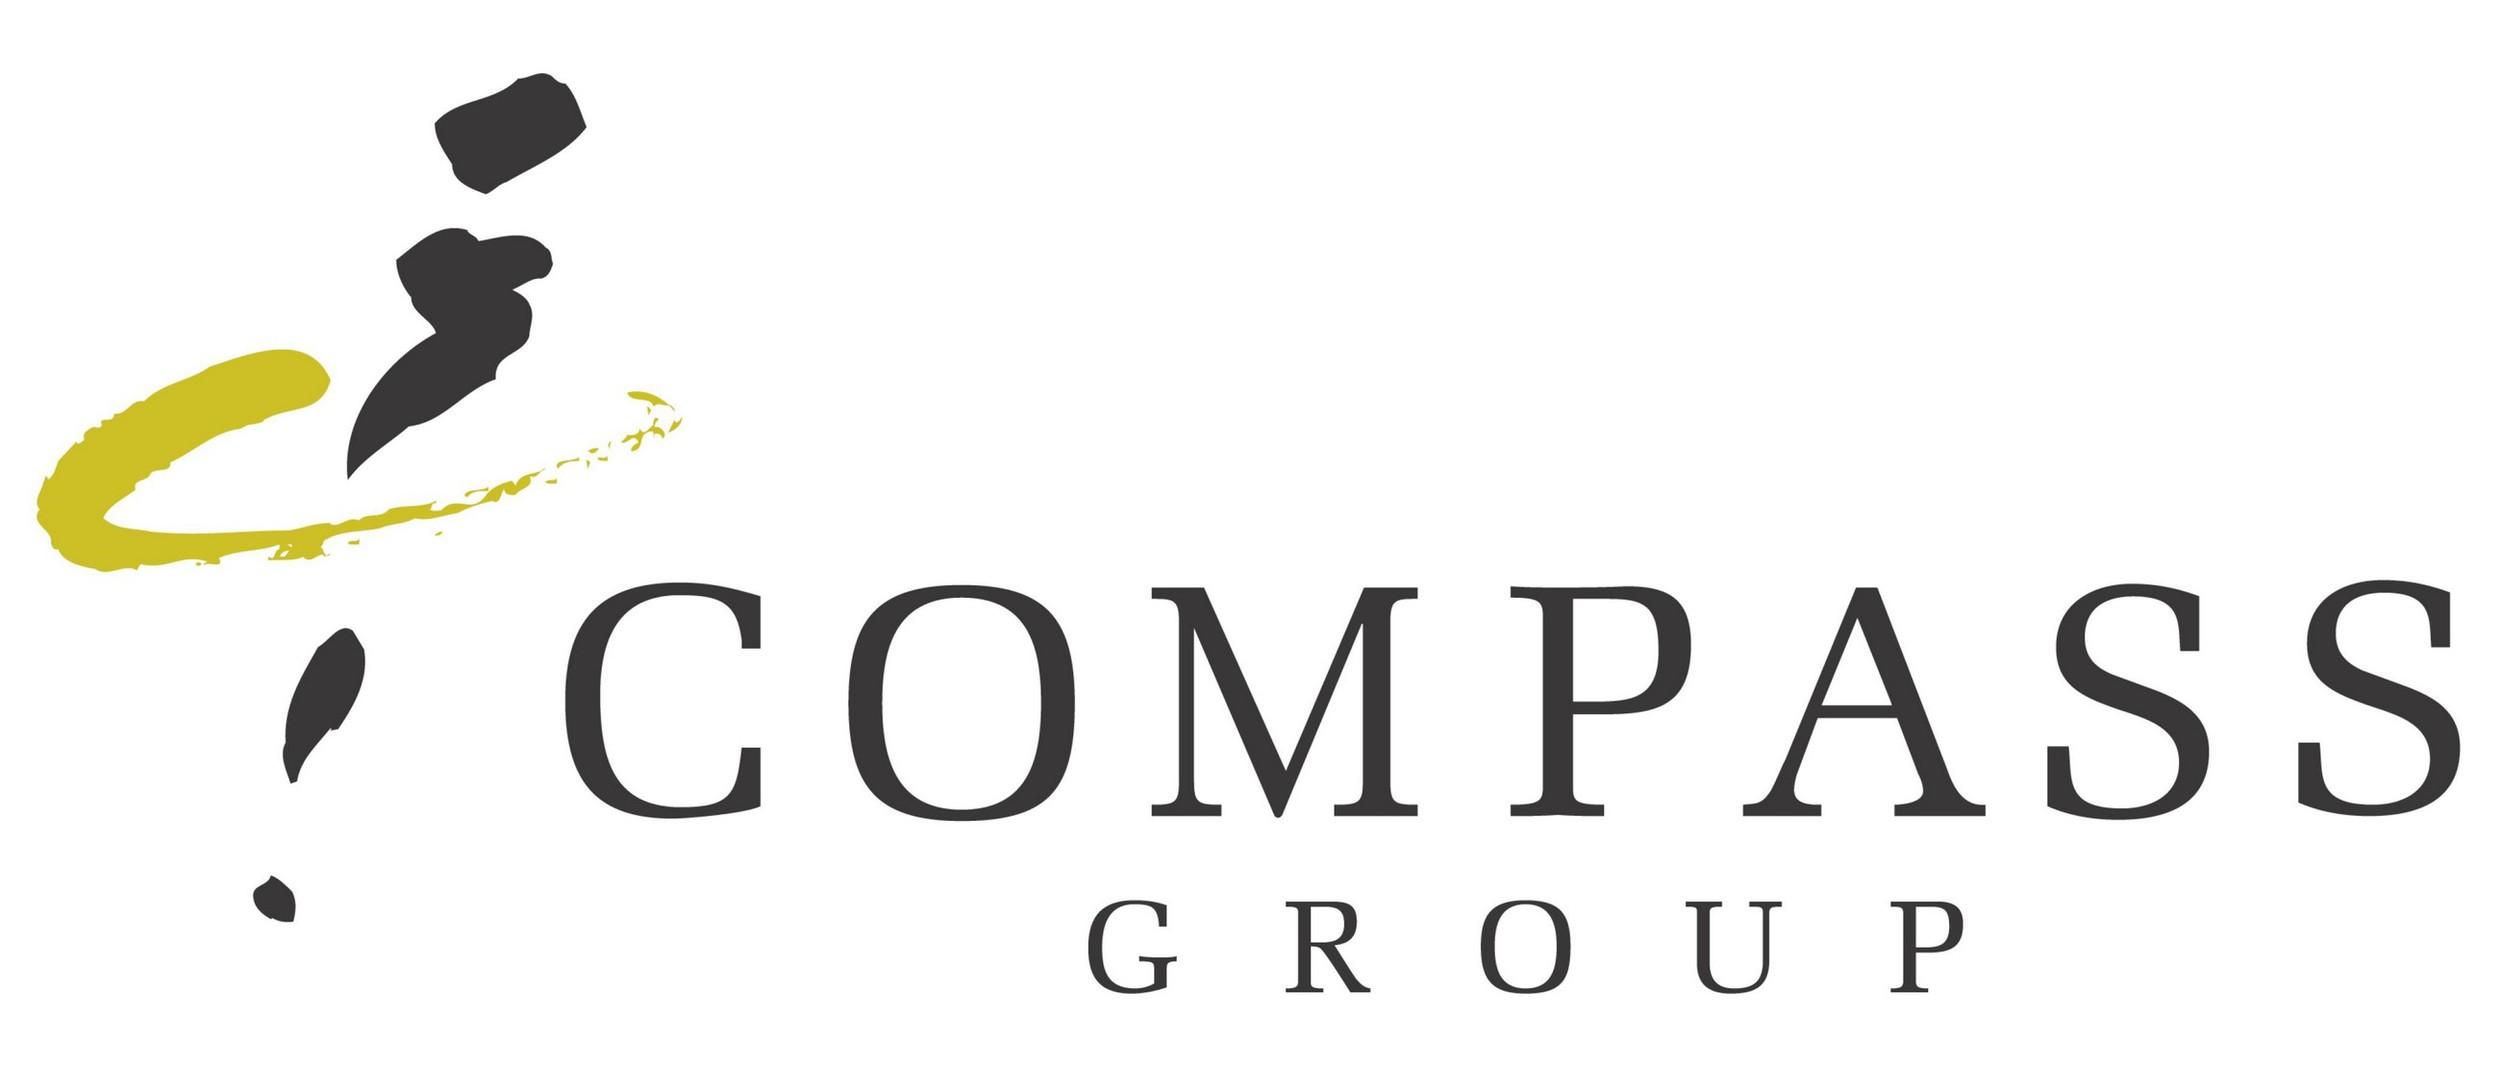 compass_group-logo1.jpg